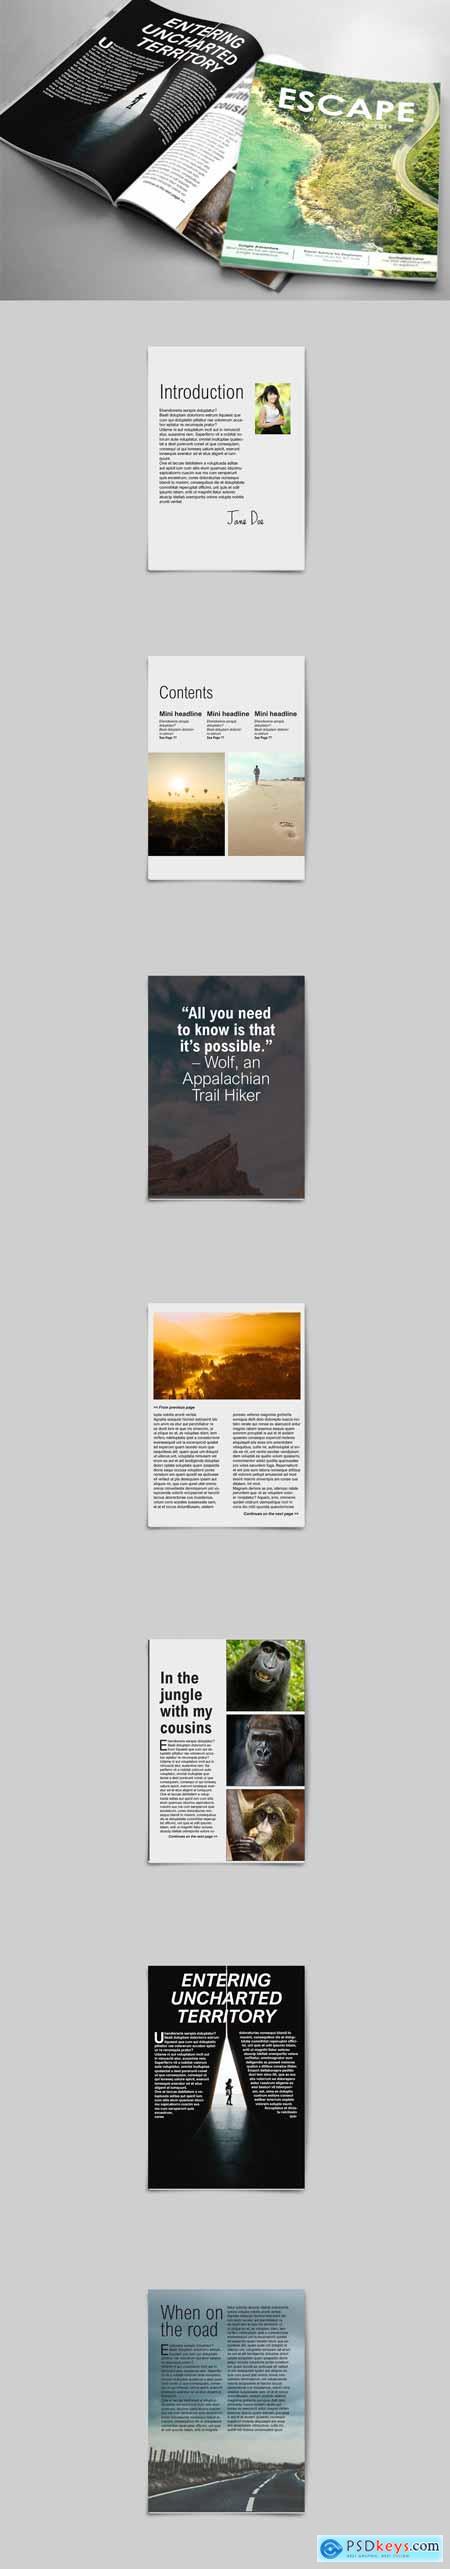 ESCAPE, 10 Page Magazine Template 3406119